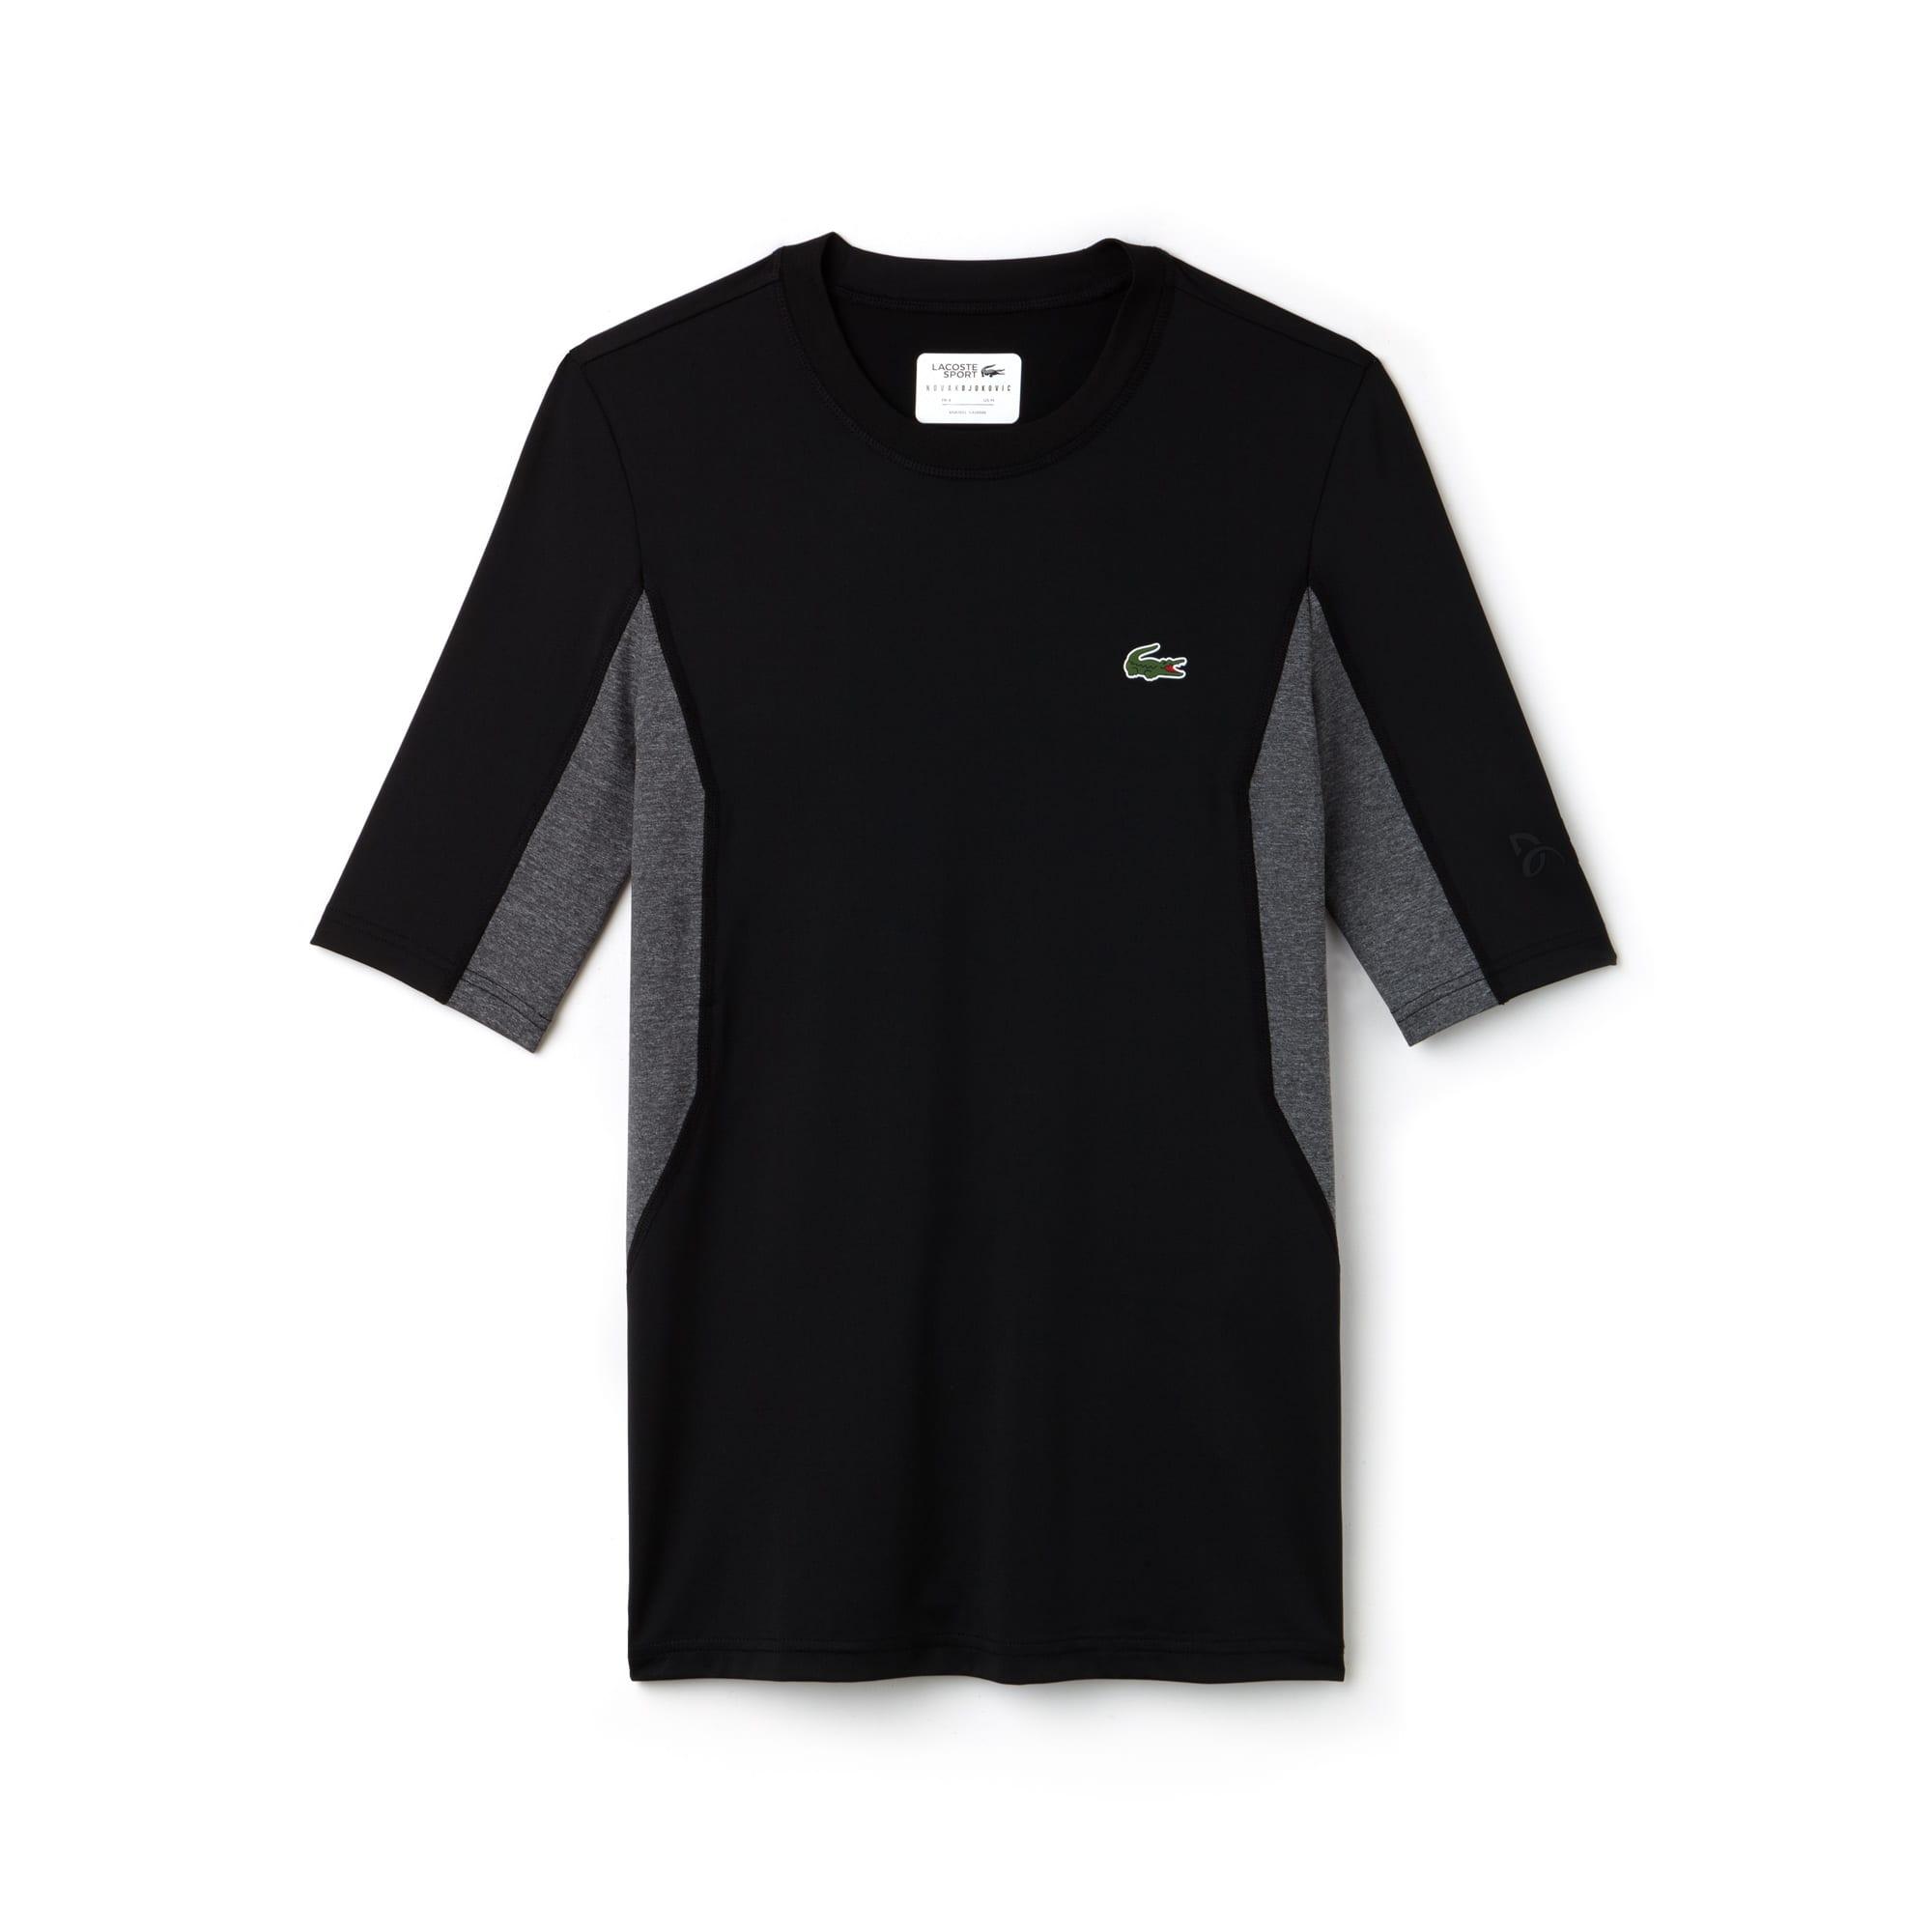 라코스테 스포츠 반팔 티셔츠 Lacoste Mens SPORT Crew Neck Stretch Technical Jersey T-shirt - x Novak Djokovic Off Court Premium Edition,BLACK/ROCHE CHINE